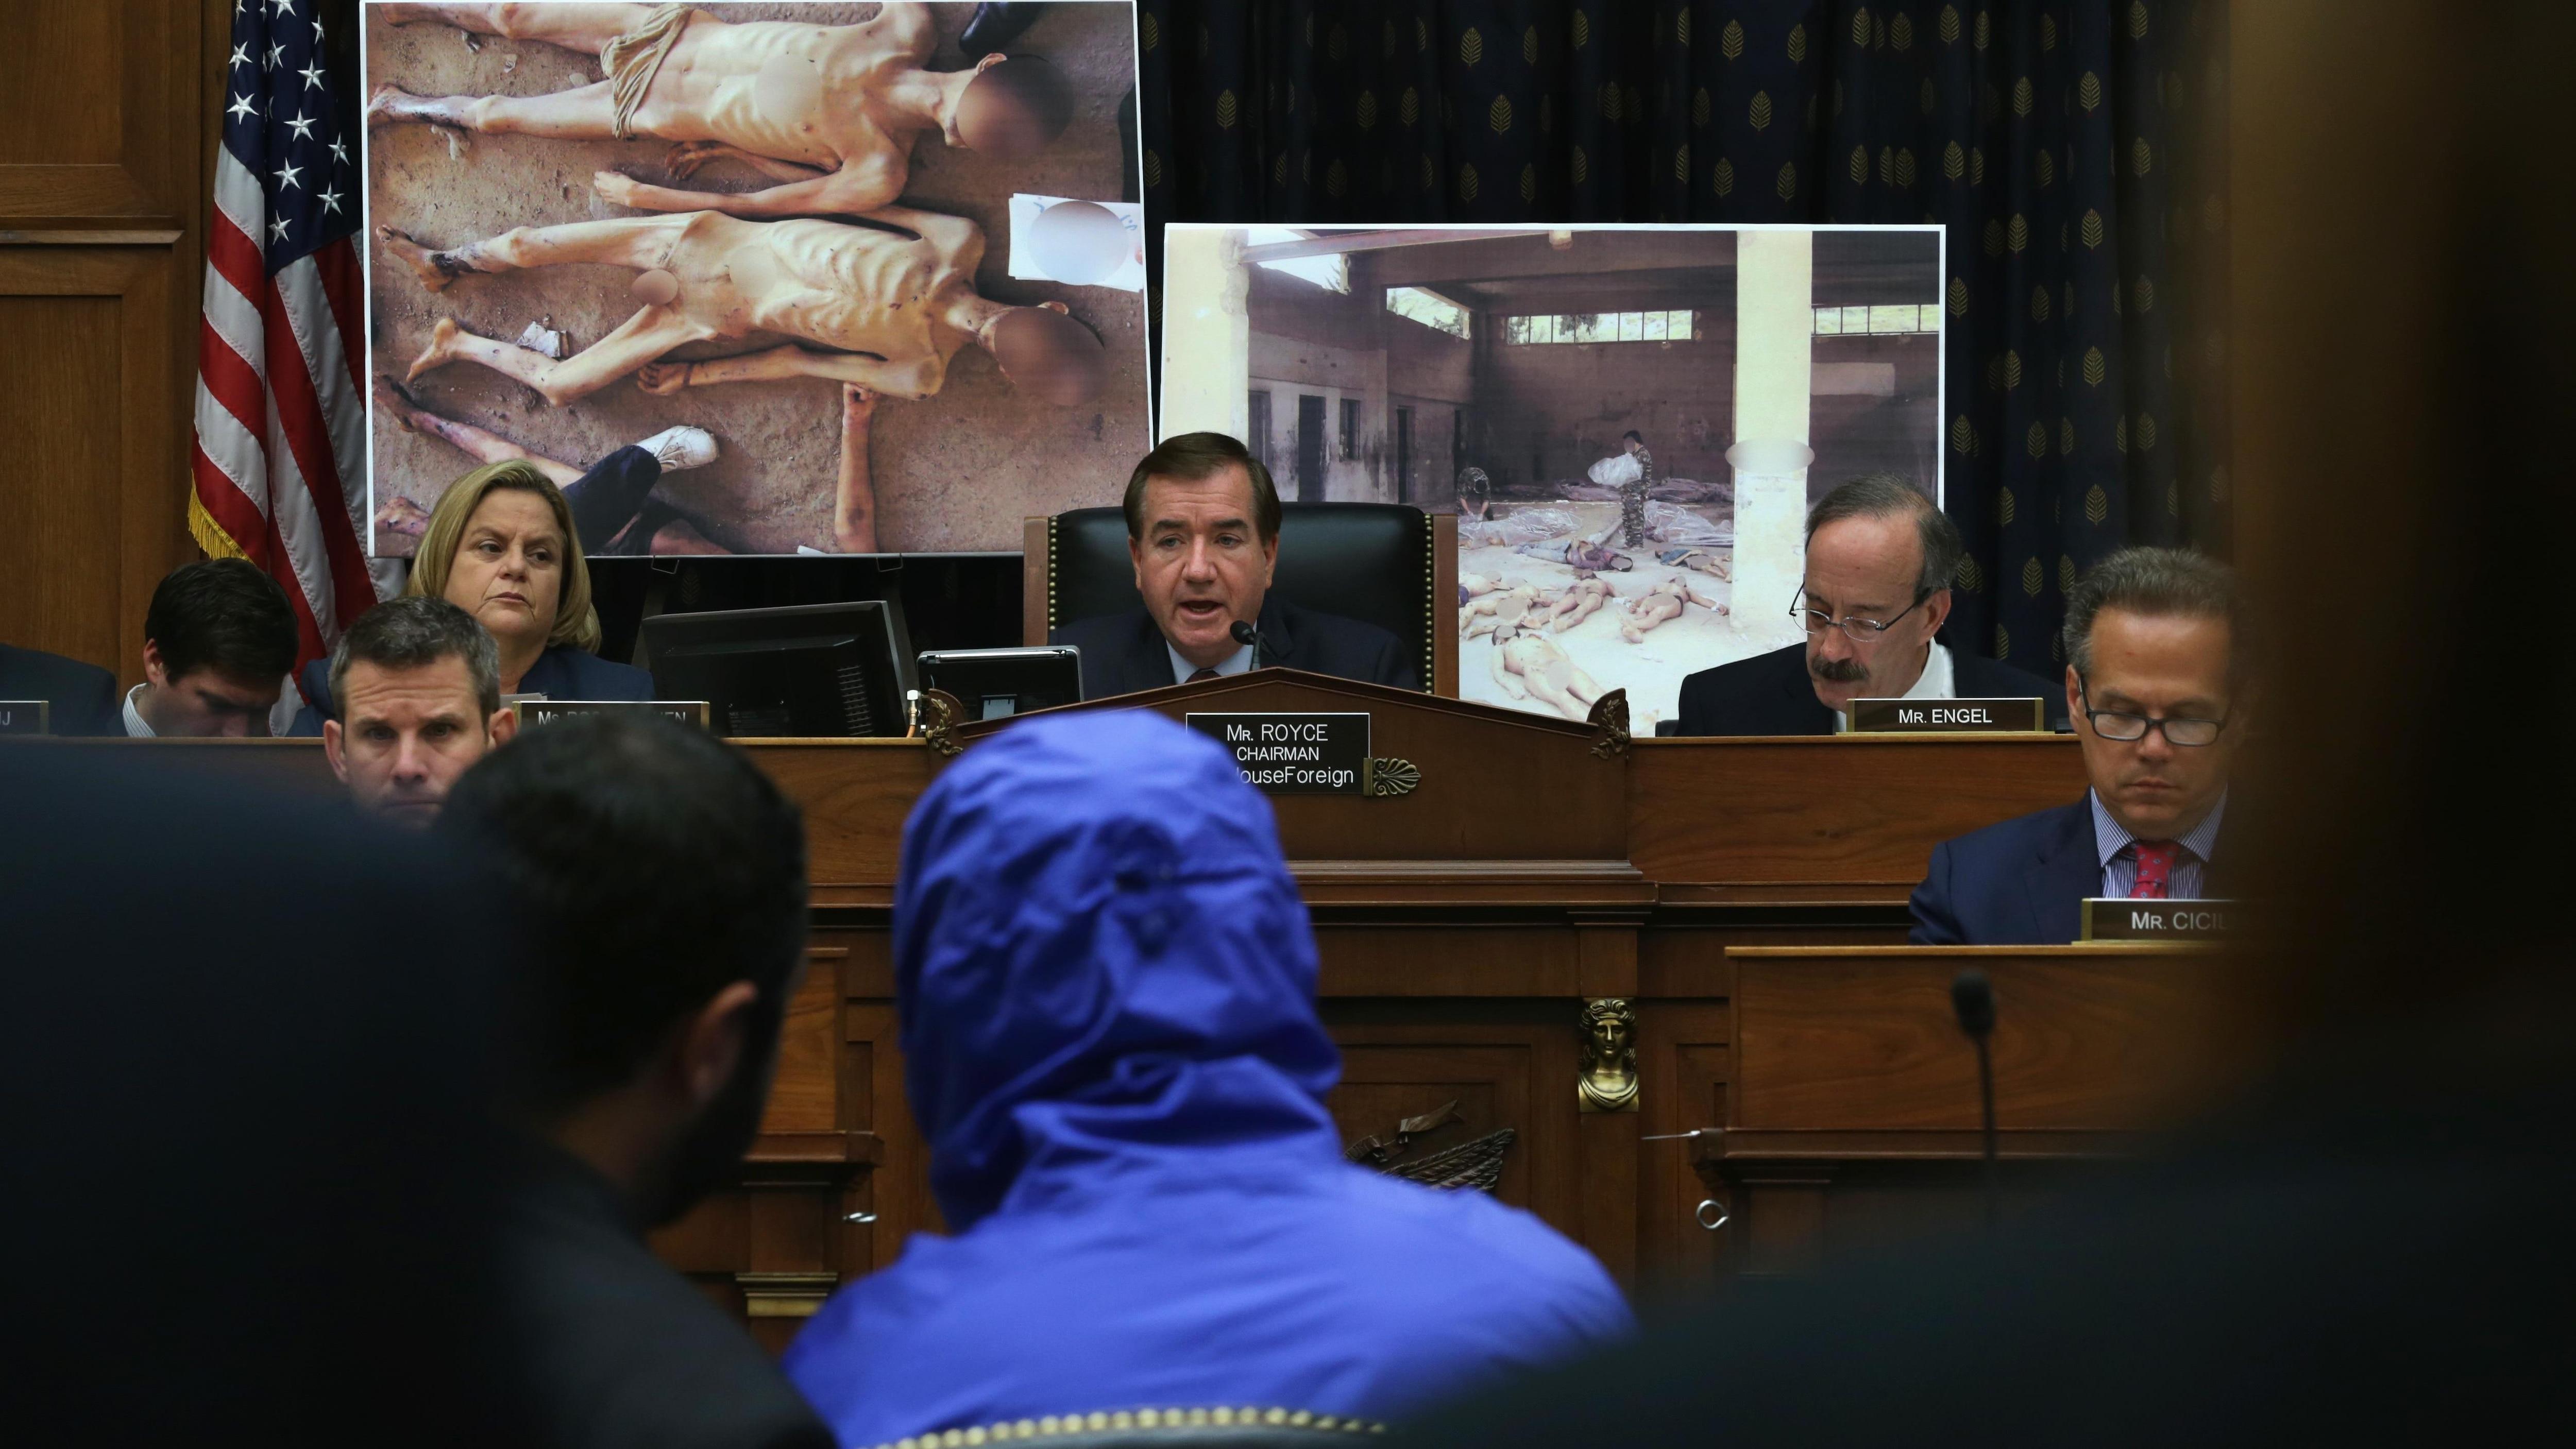 César devant le Congrès américain